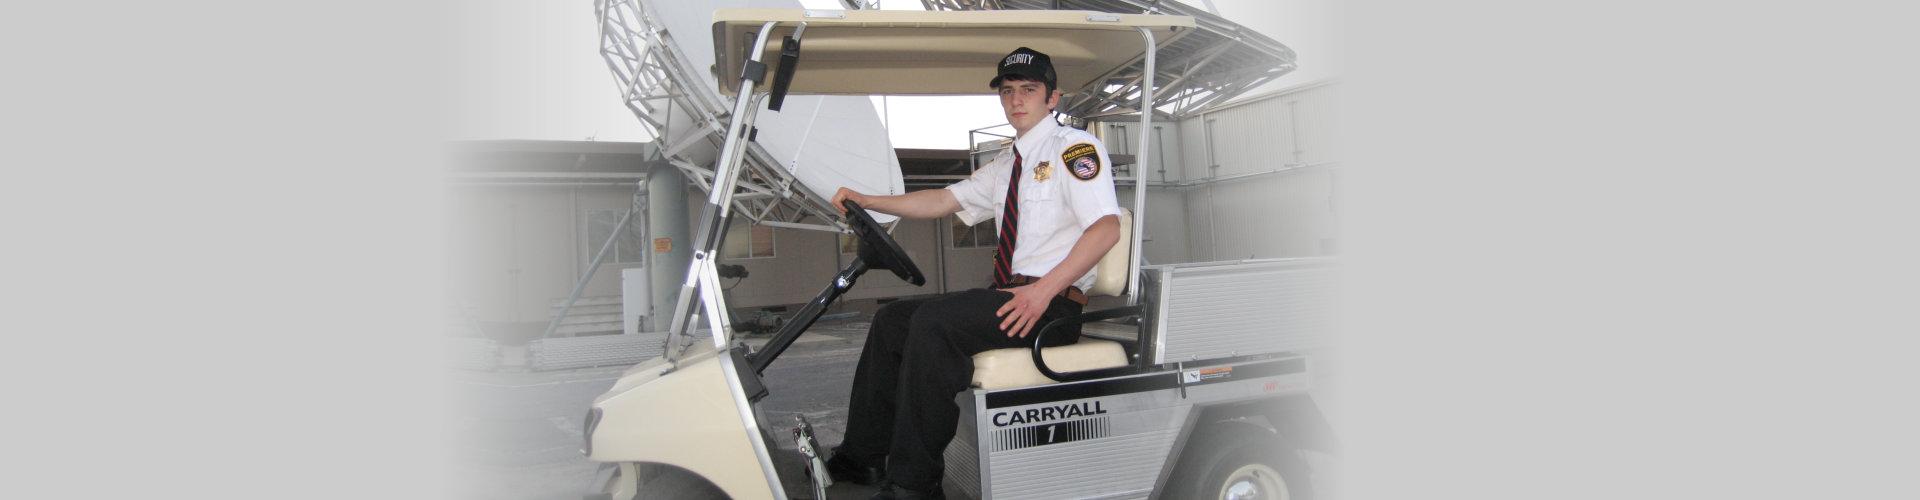 patrol man